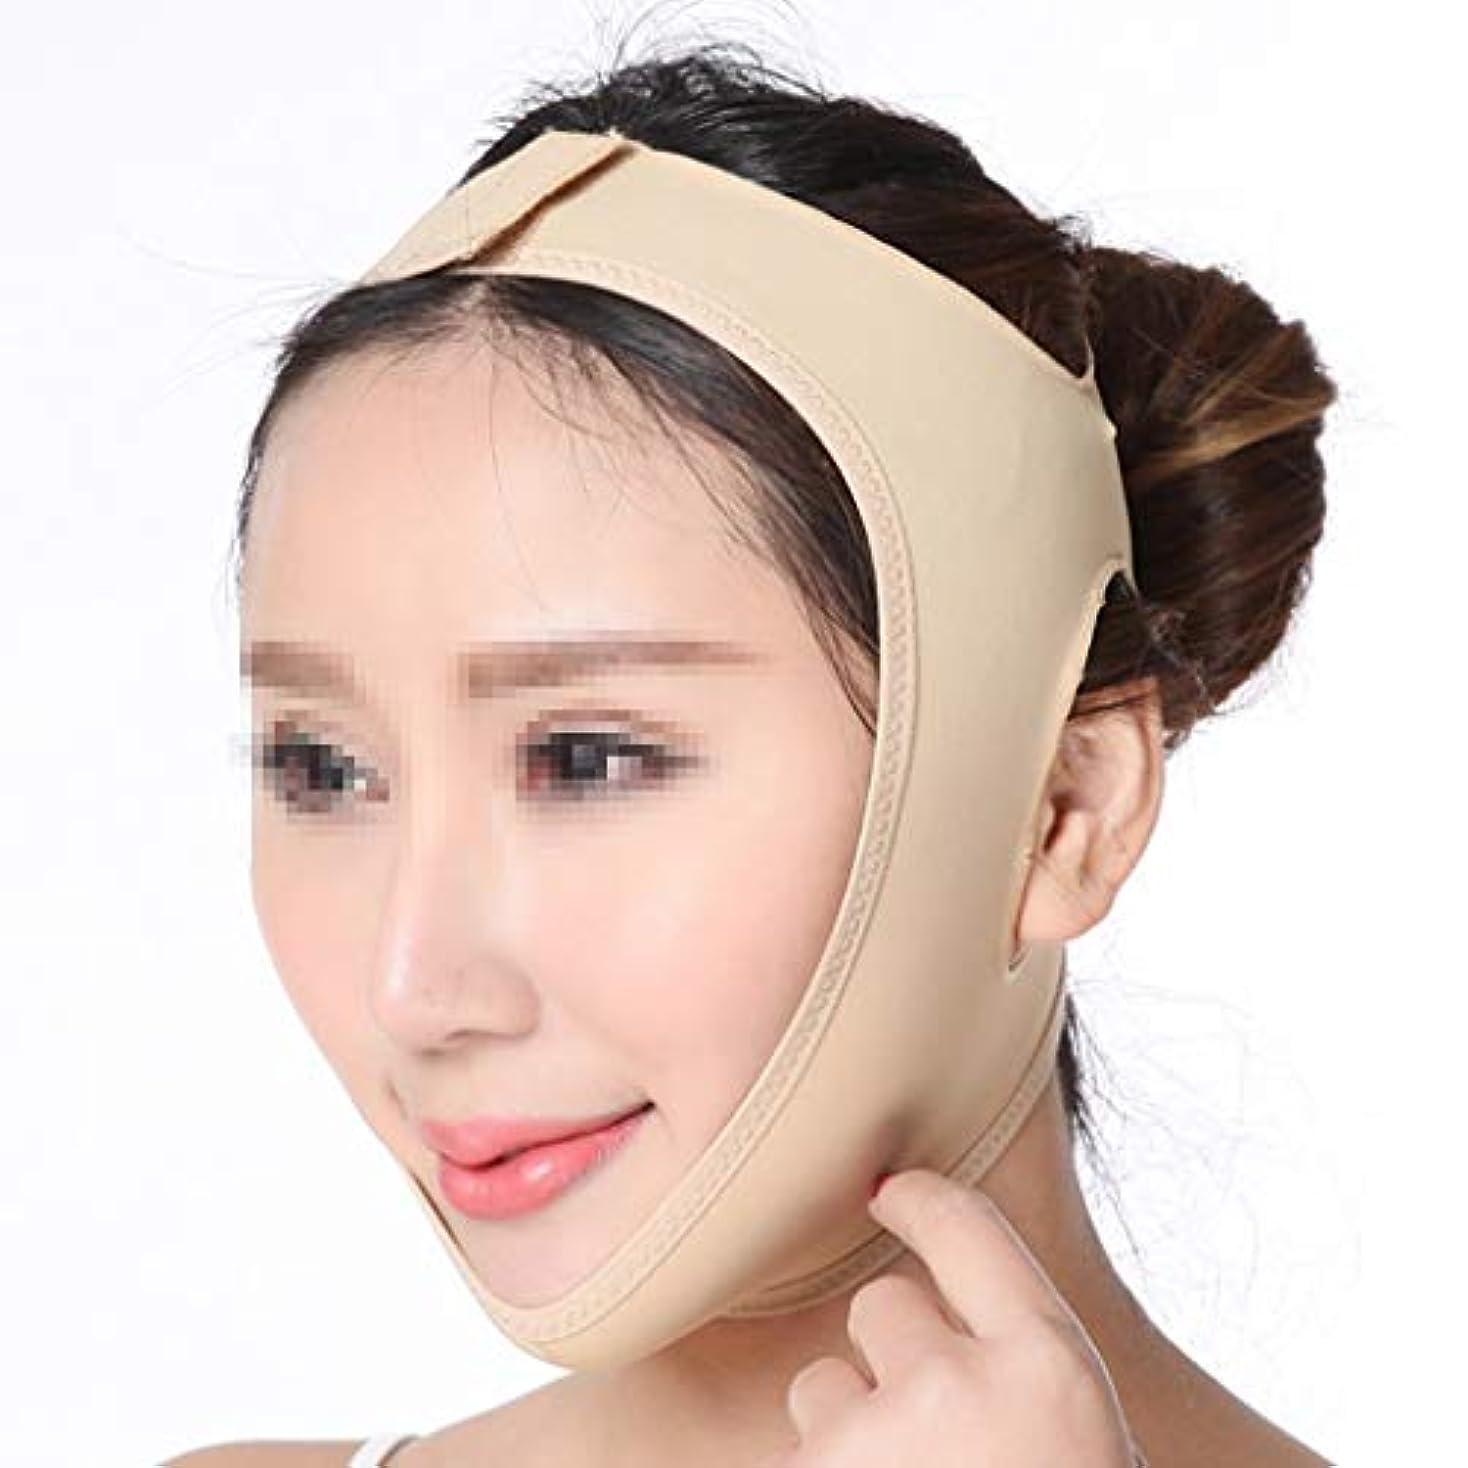 果てしない異邦人落ち着かないXHLMRMJ 美容マスク、回復後のライン彫刻二重あごフェイスリフトアーティファクトフェイス小型Vフェイス楽器包帯リフティングケアヘッドギア (Size : L)